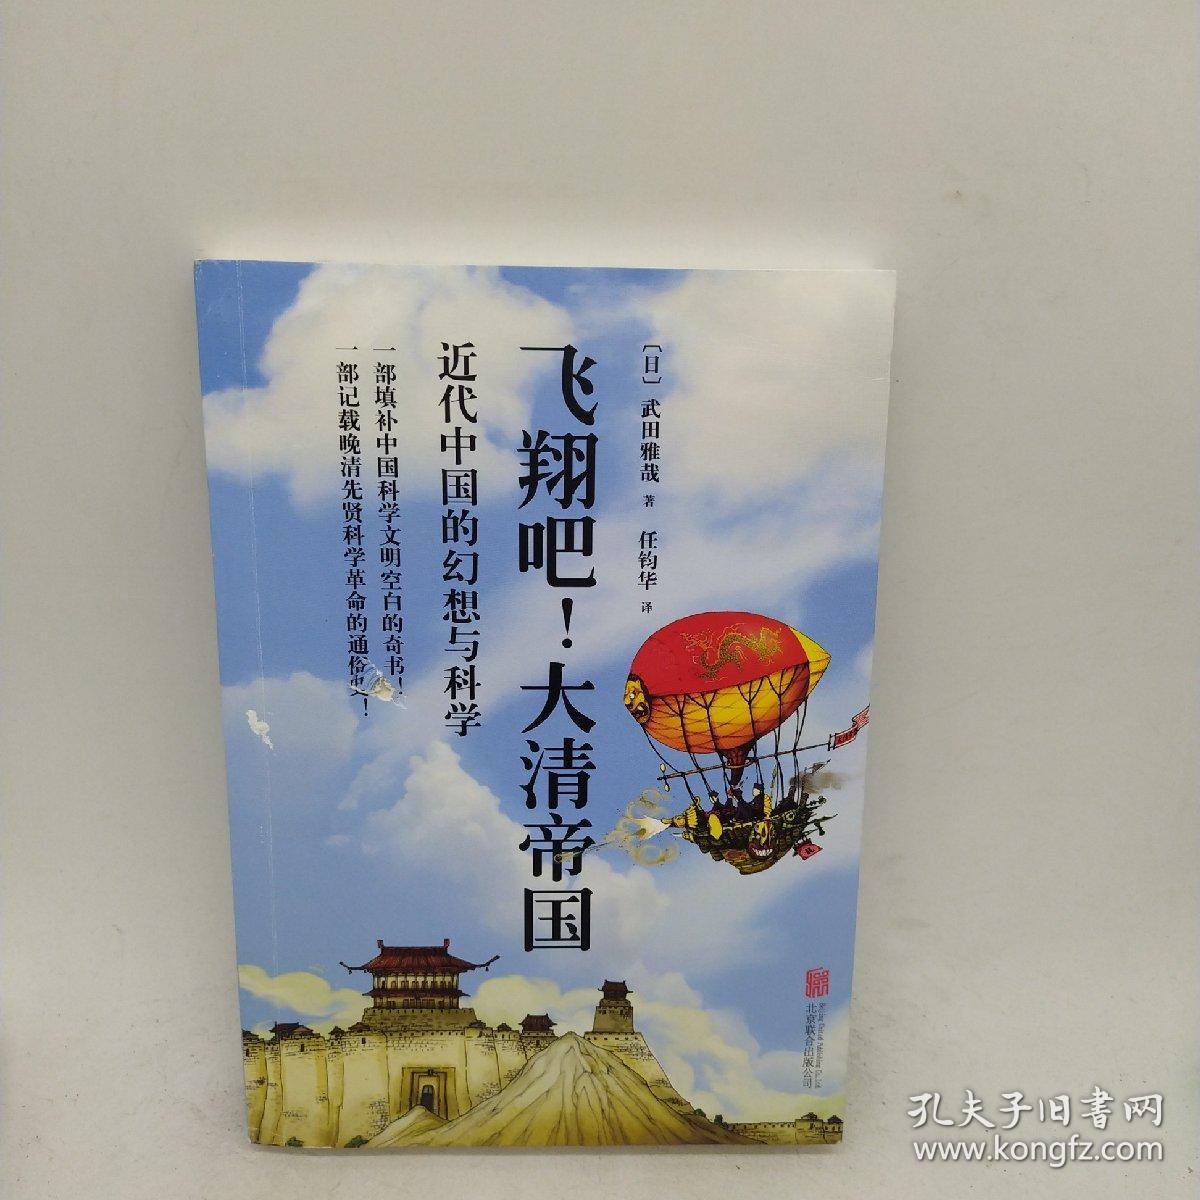 飞翔吧!大清帝国:近代中国的幻想与科学